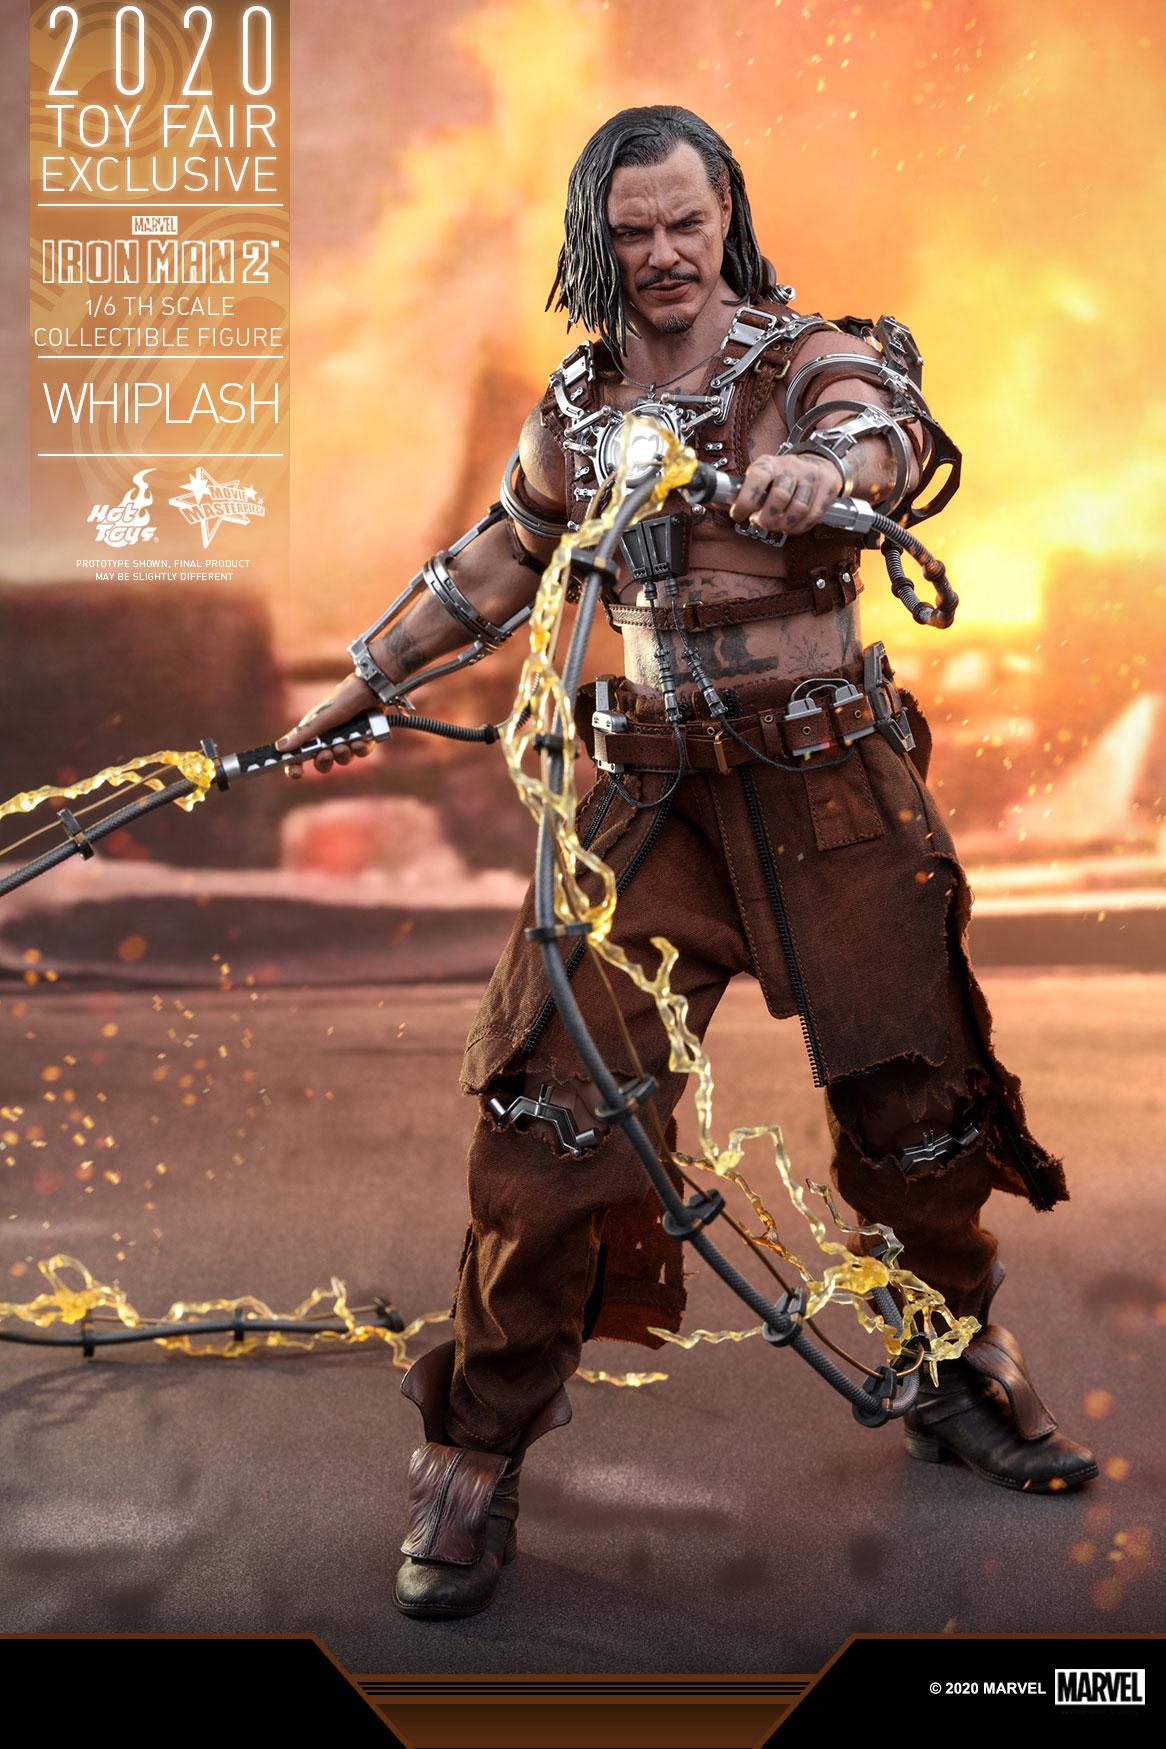 Hot Toys - Iron Man 2 - Whiplash collectible figure_PR1